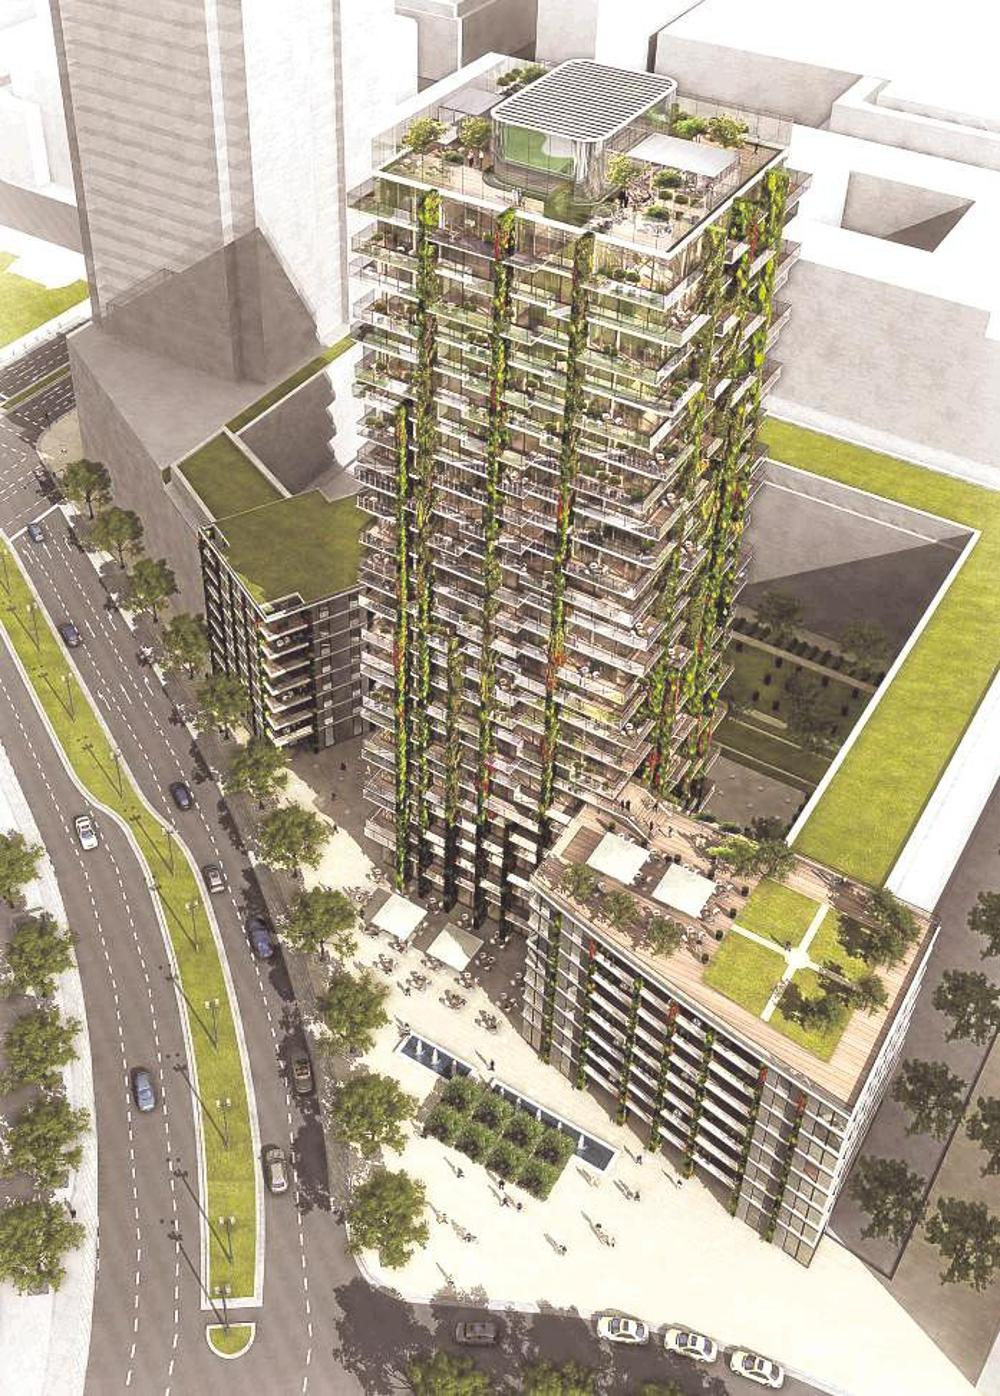 h ngende g rten f r tower 90 in frankfurt top magazin. Black Bedroom Furniture Sets. Home Design Ideas